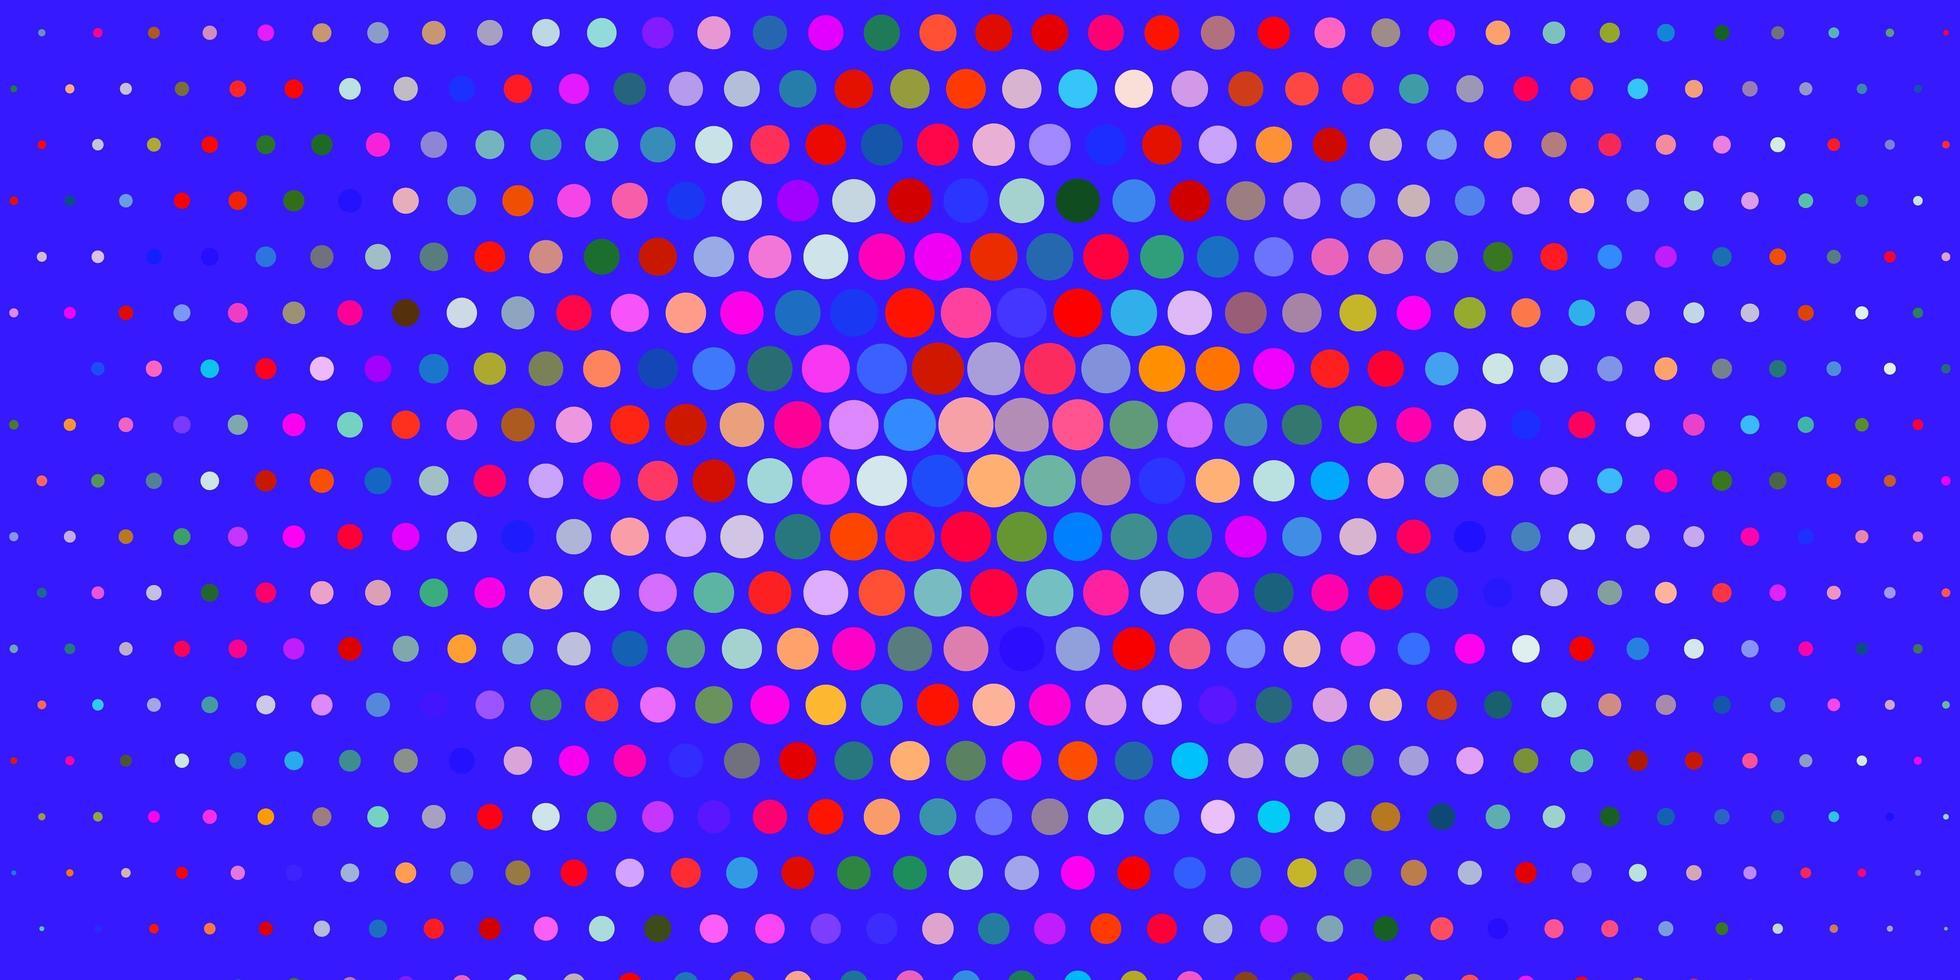 heller mehrfarbiger Vektorhintergrund mit Blasen. vektor